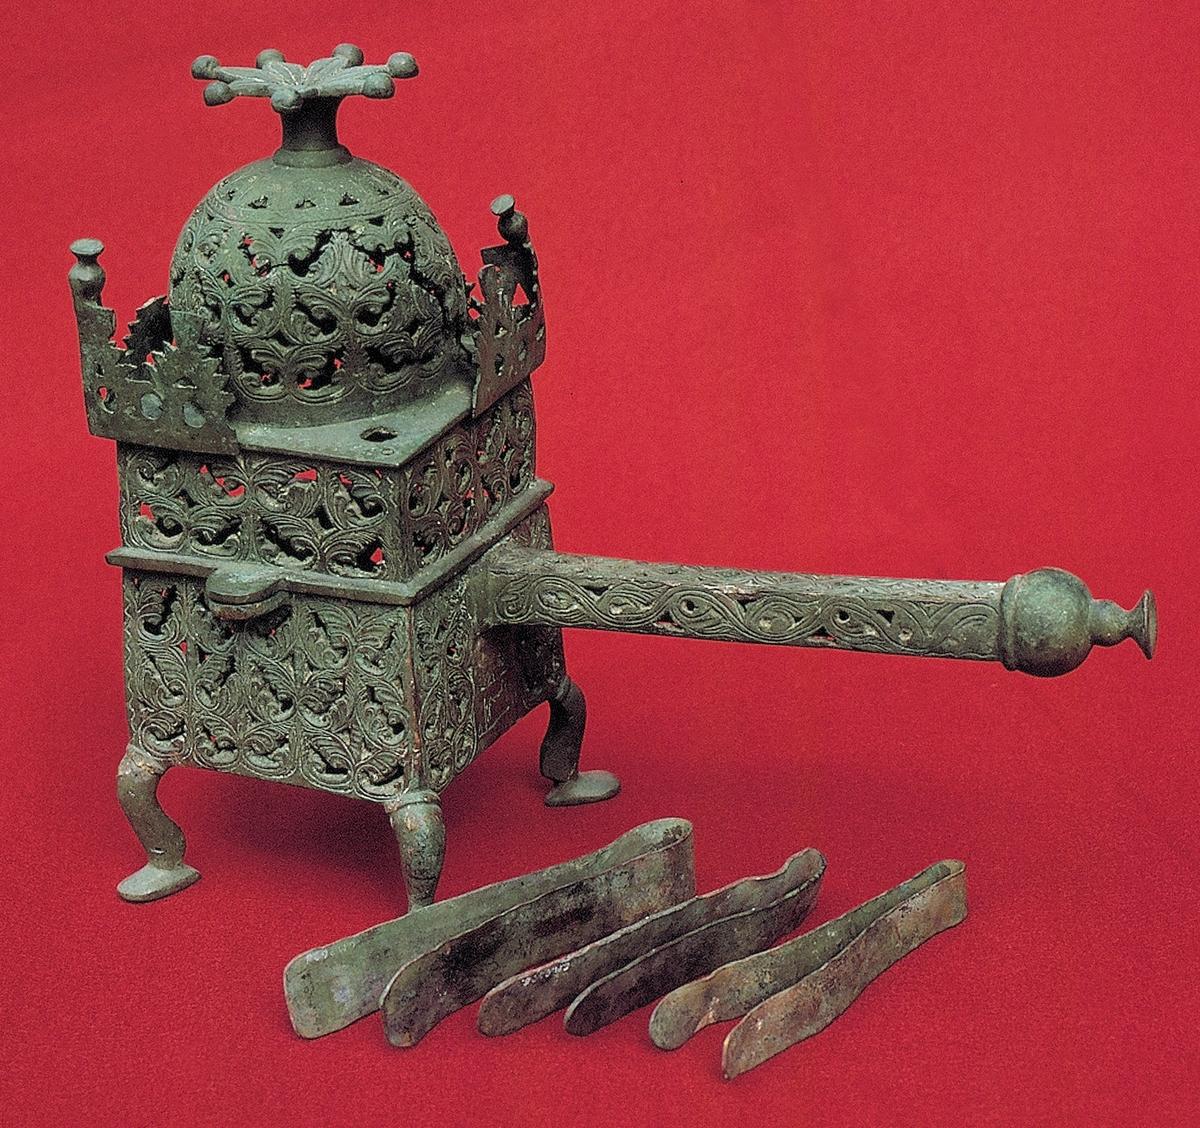 Glödpanna med lock, brons. Troligen från nuvarande Iran eller Syrien. Brazier, Incense burner.